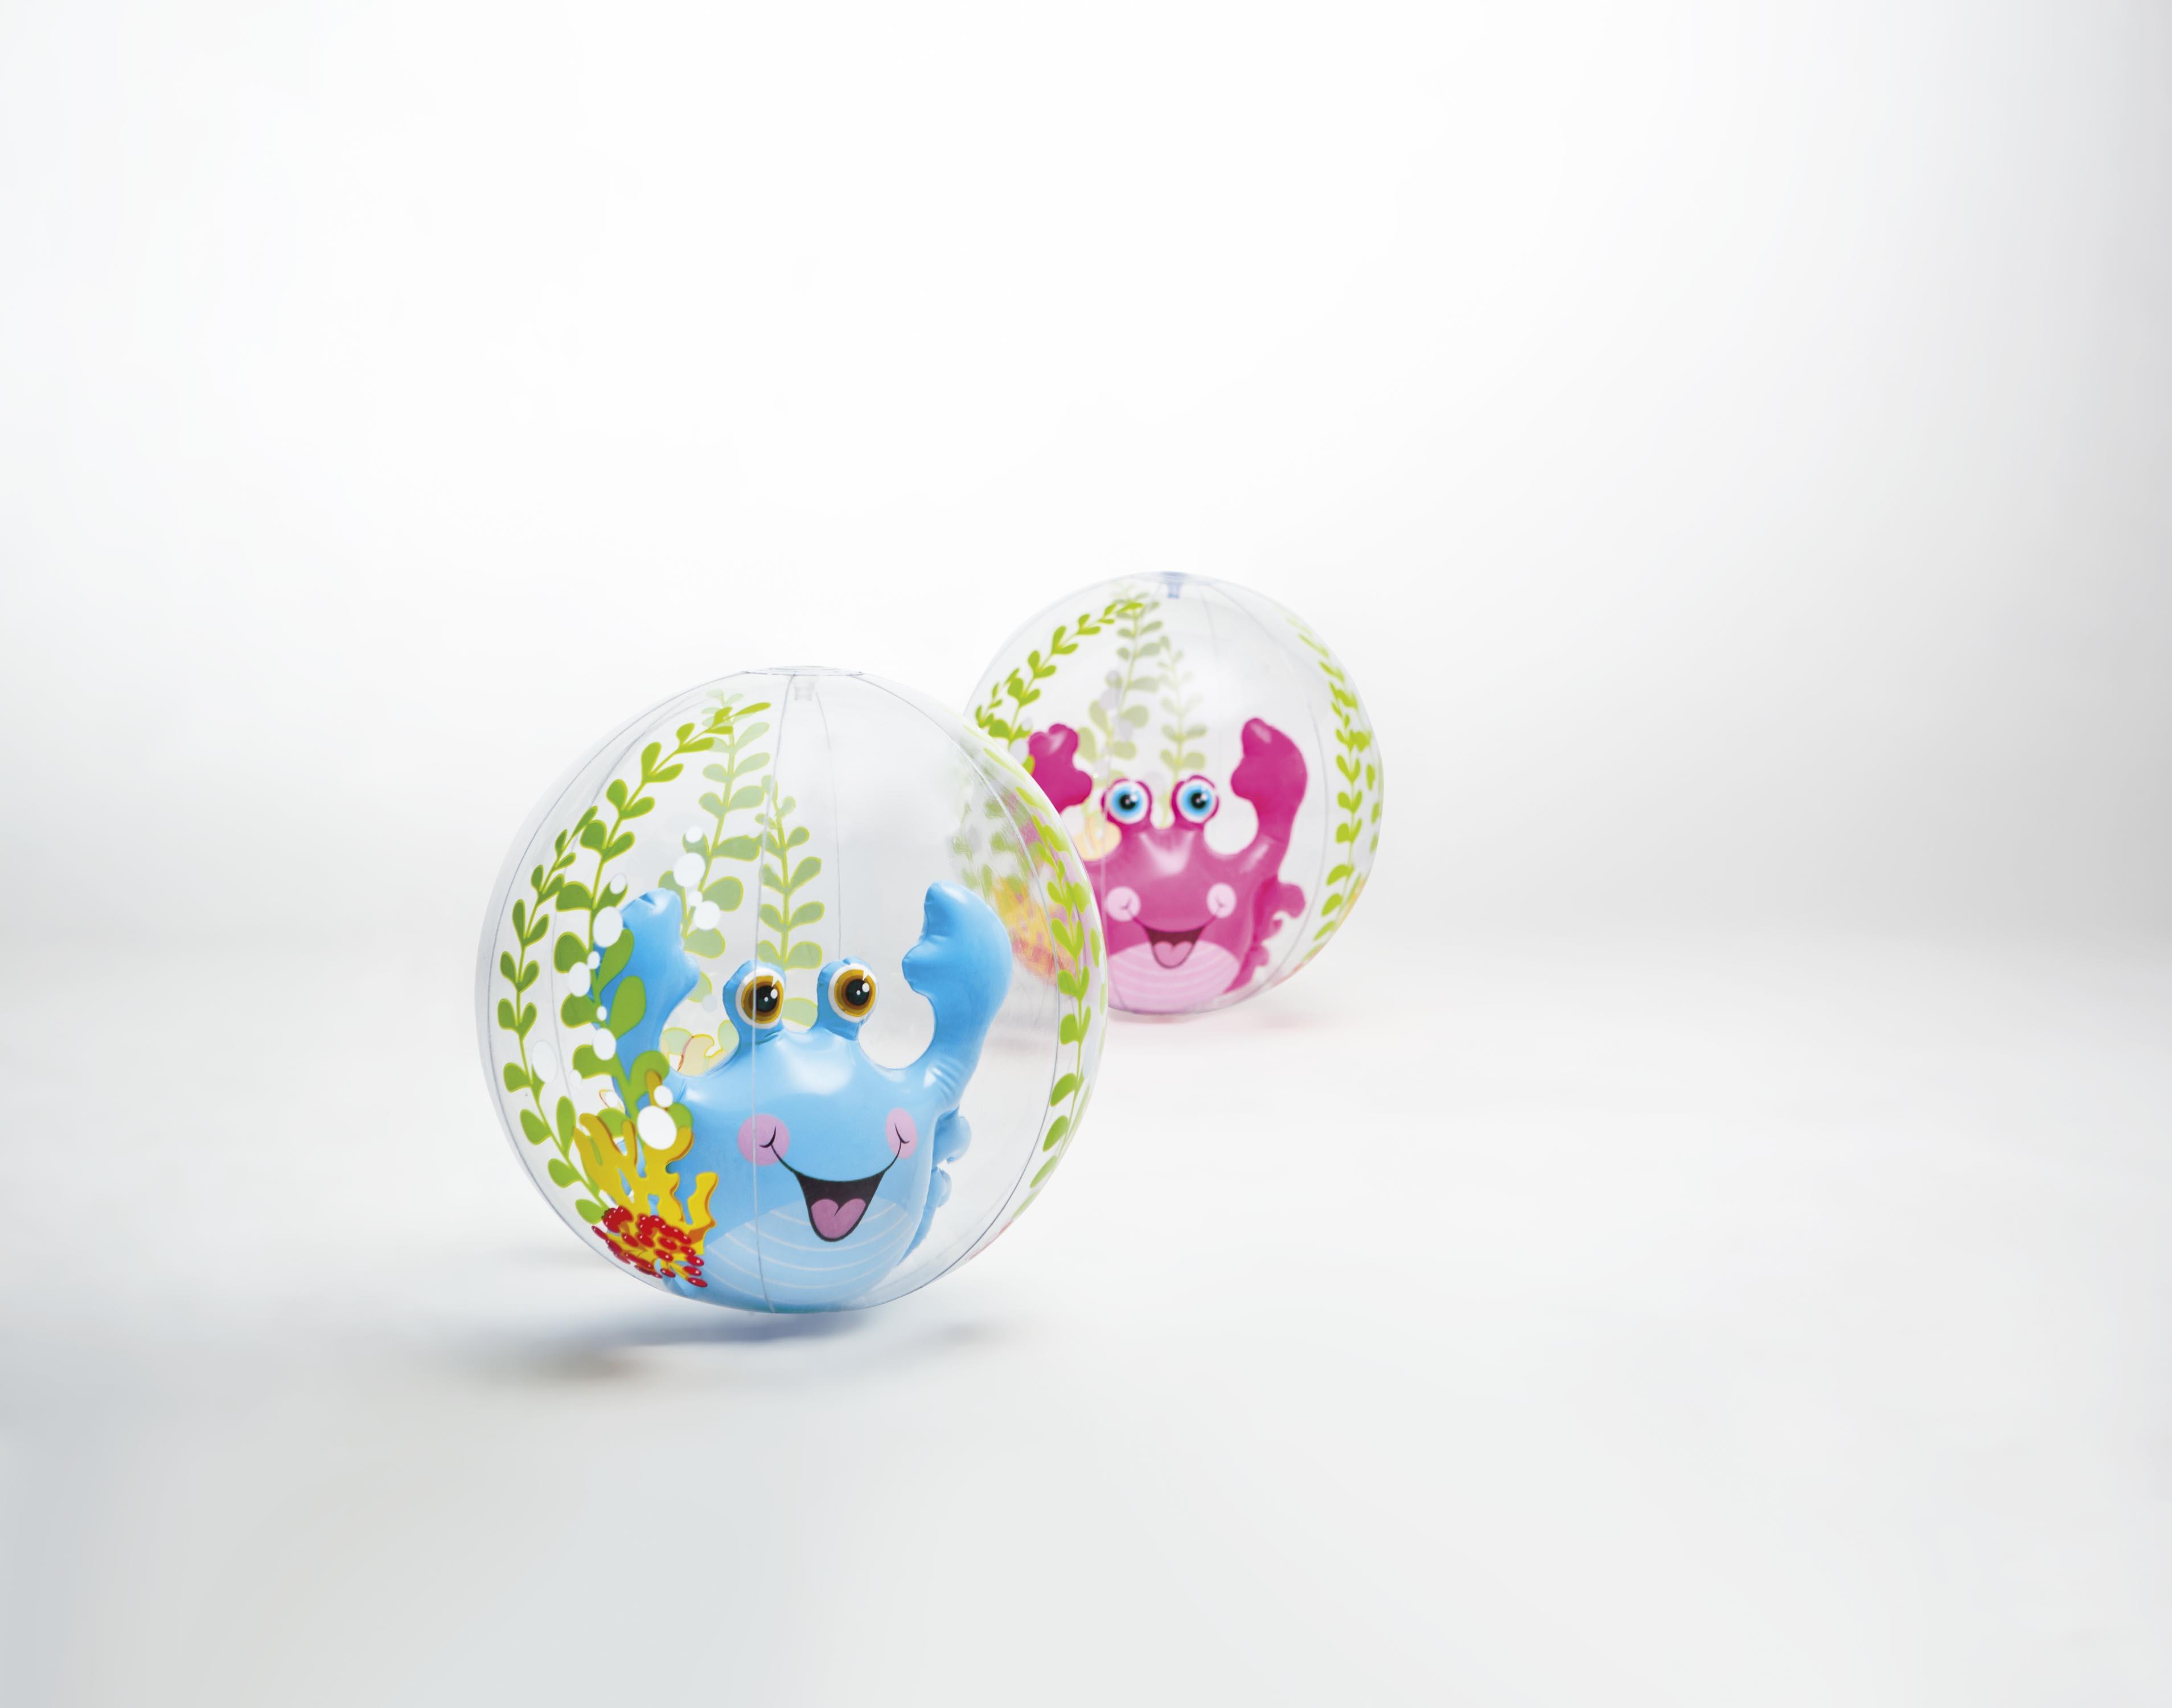 """М'яч надувн. 58031  """"Рибка"""" з надувною рибкою всередині, 2цвета (роз., син.) (3 + років) (61см) 13 *"""